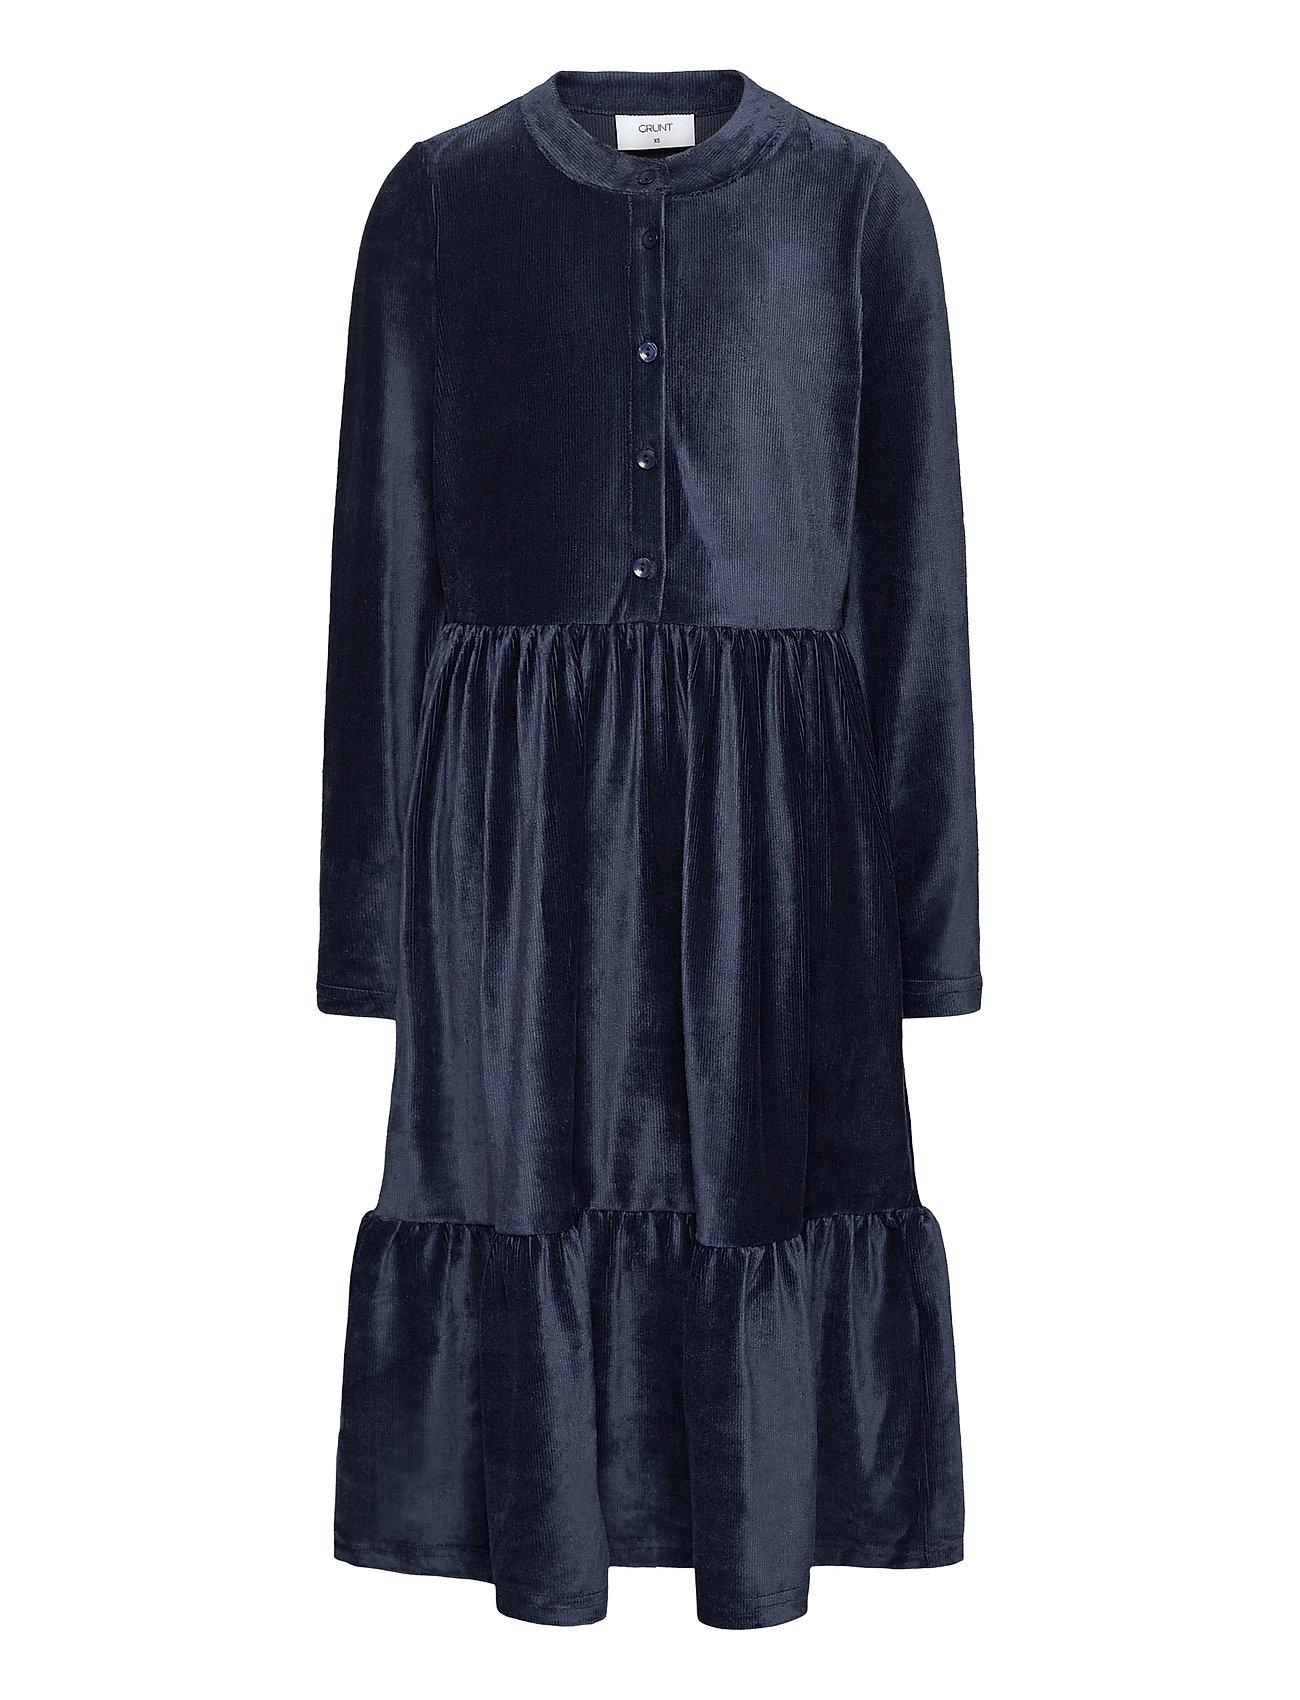 Image of Loui Dress Kjole Blå Grunt (3476117893)